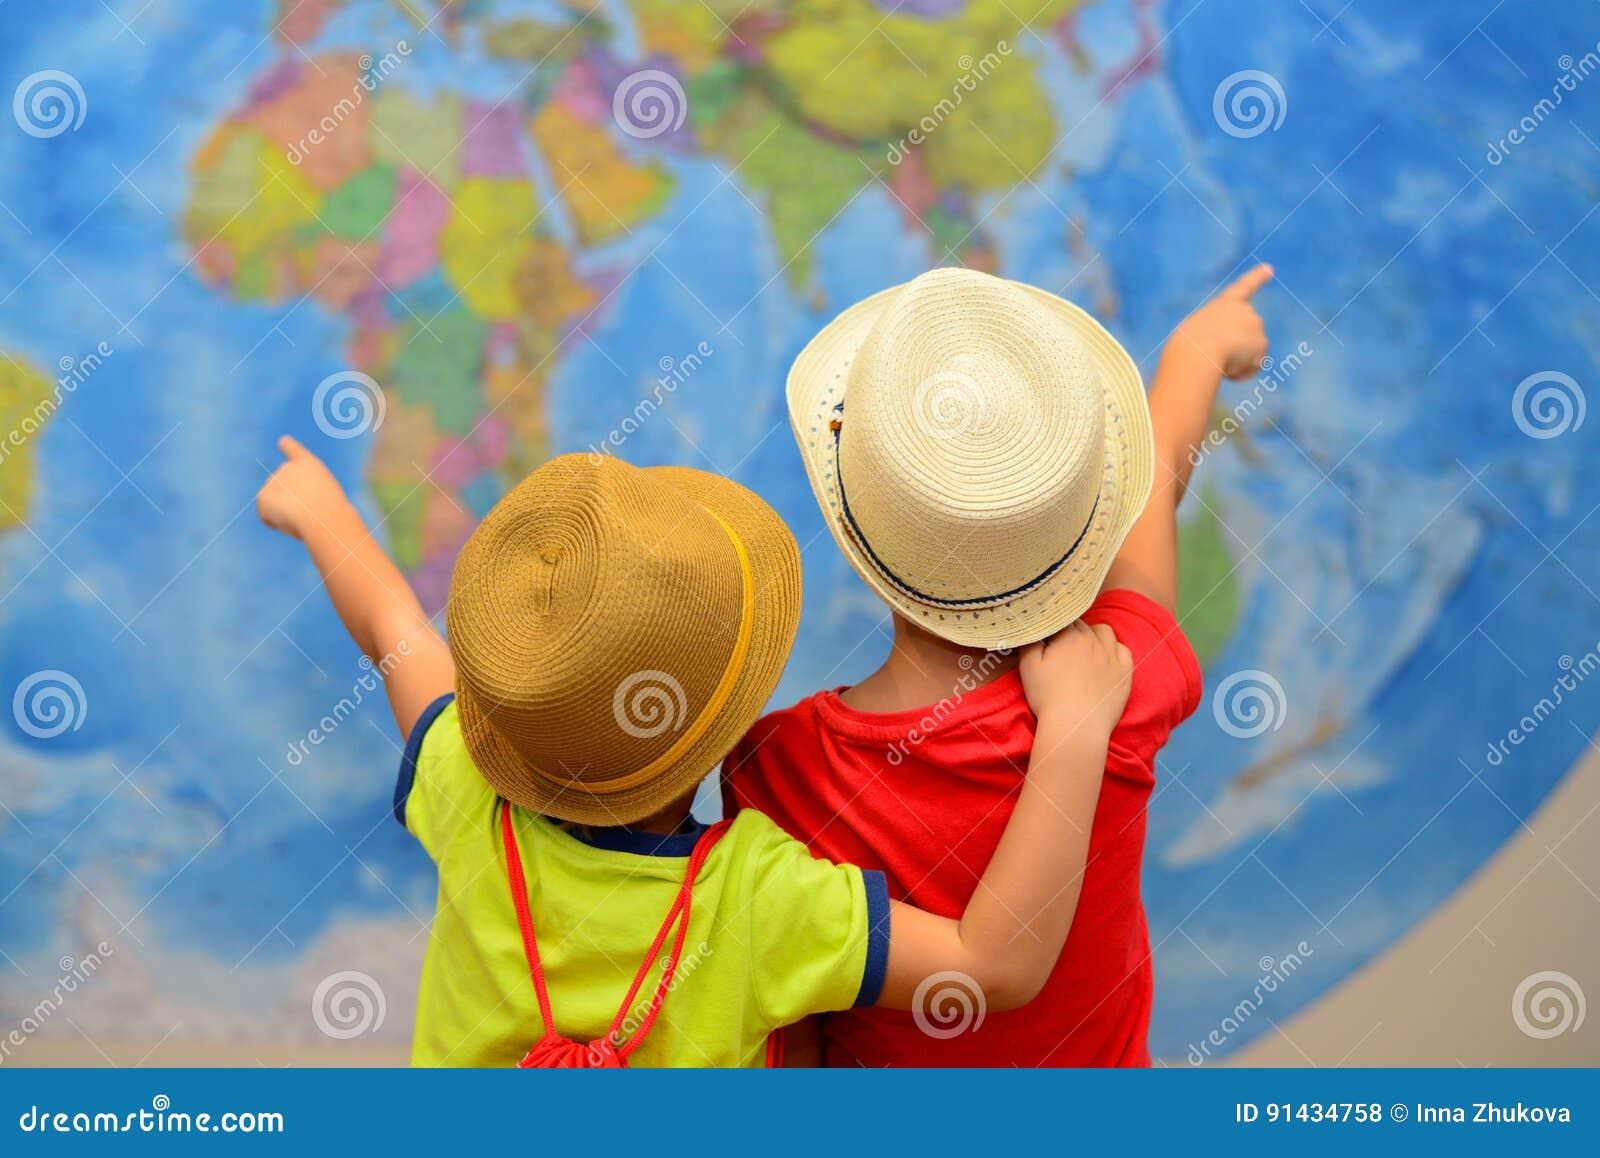 Przygody i podróży pojęcie Szczęśliwi dzieciaki marzą o podróży, wakacje